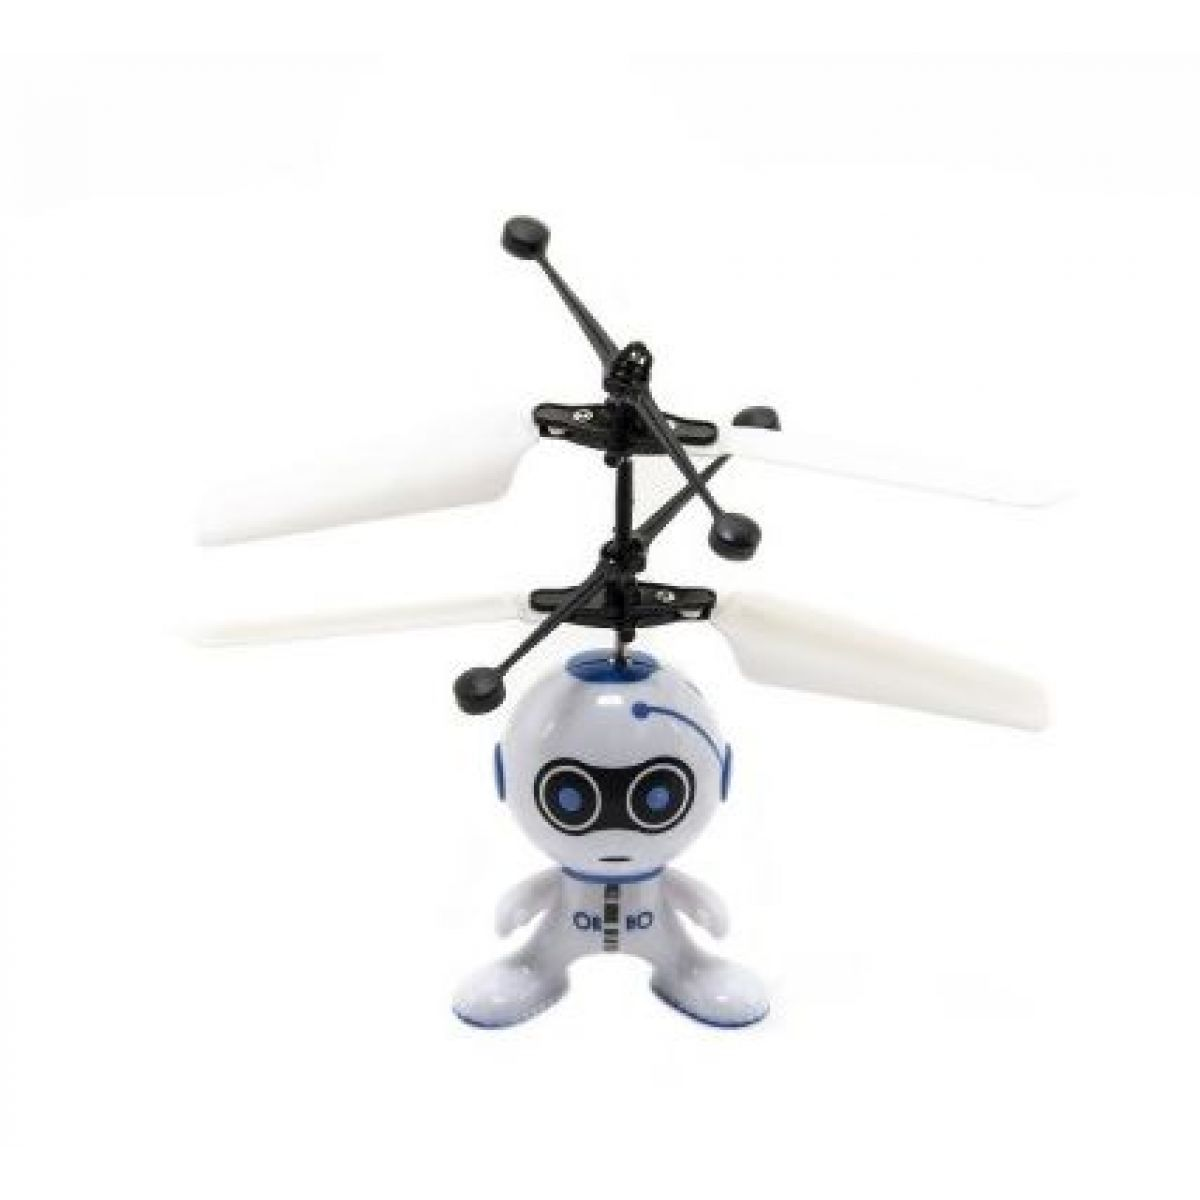 Vrtulníkový robot létající s USB kabelem modrý